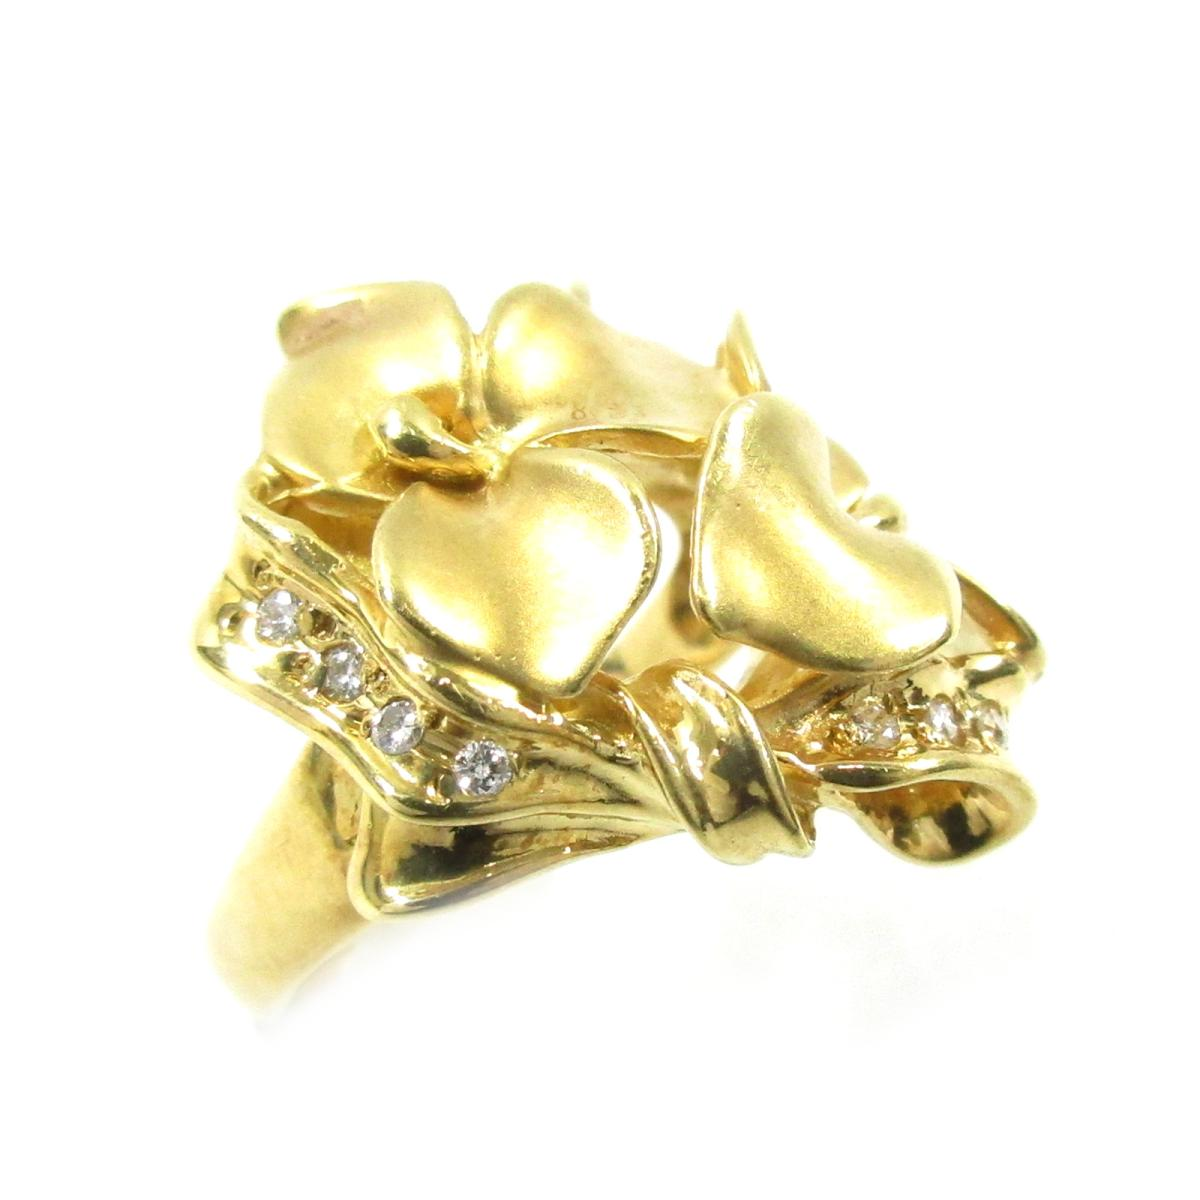 ジュエリー ダイヤモンドリング 指輪 ノーブランドジュエリー レディース K18YG (750) イエローゴールド X ダイヤモンド0.05ct ゴールド クリアー 【中古】   JEWELRY BRANDOFF ブランドオフ ブランド アクセサリー リング